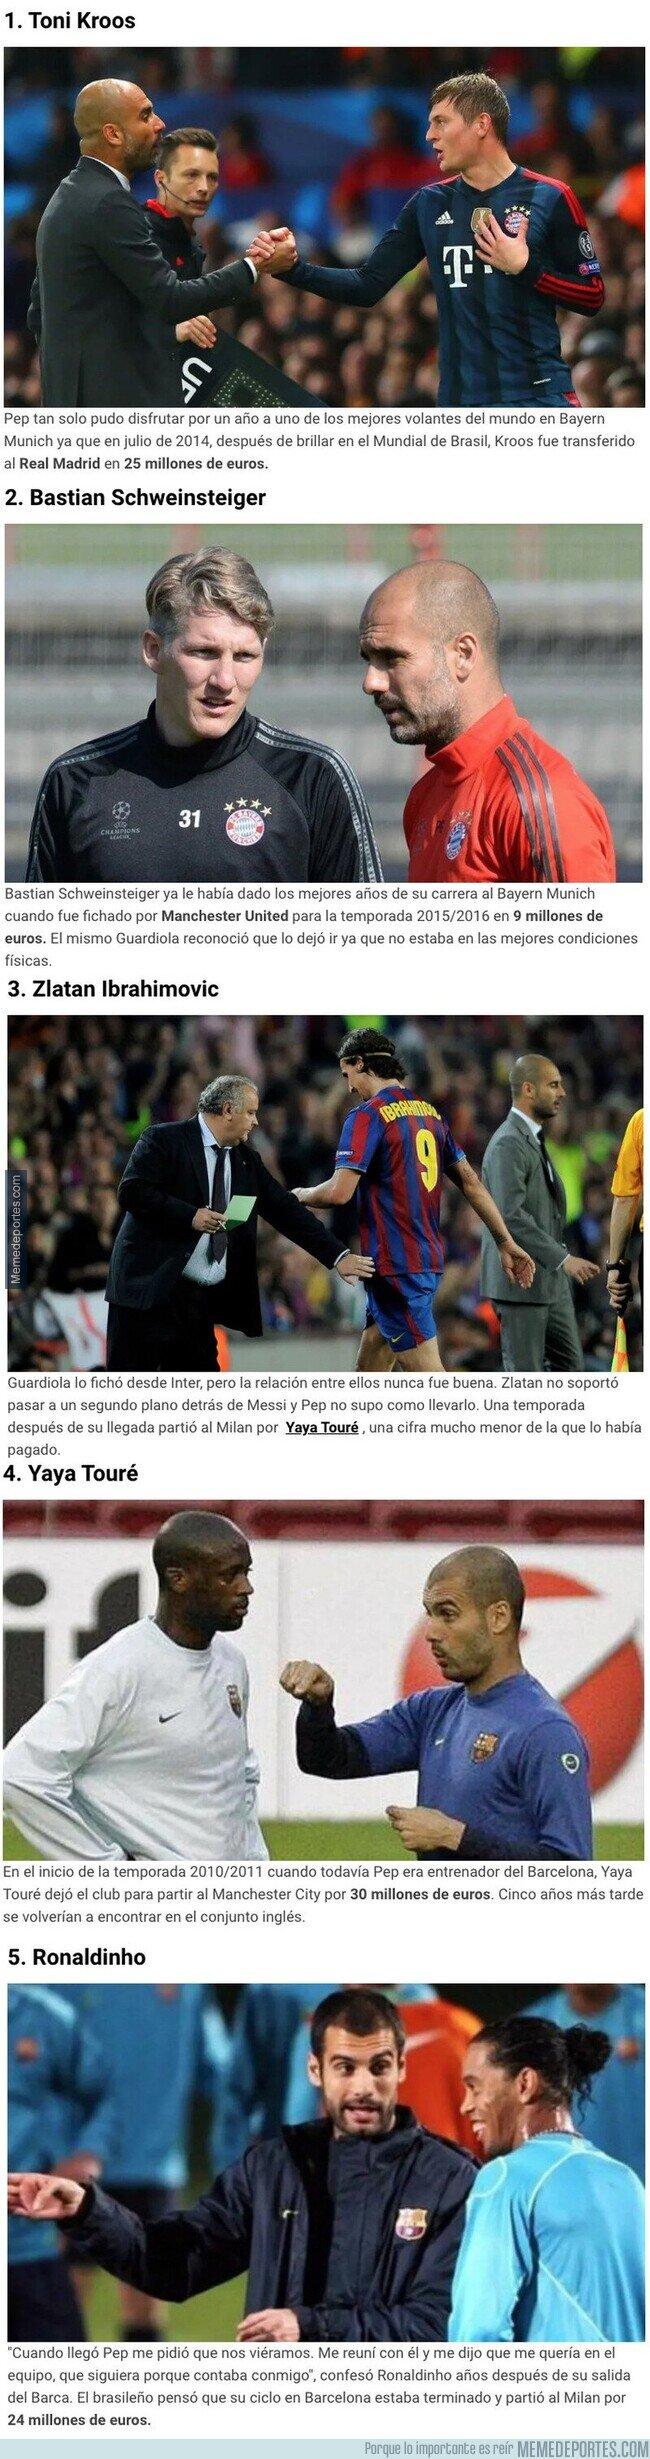 1097708 - Cinco grandes futbolistas que vendió Pep Guardiola